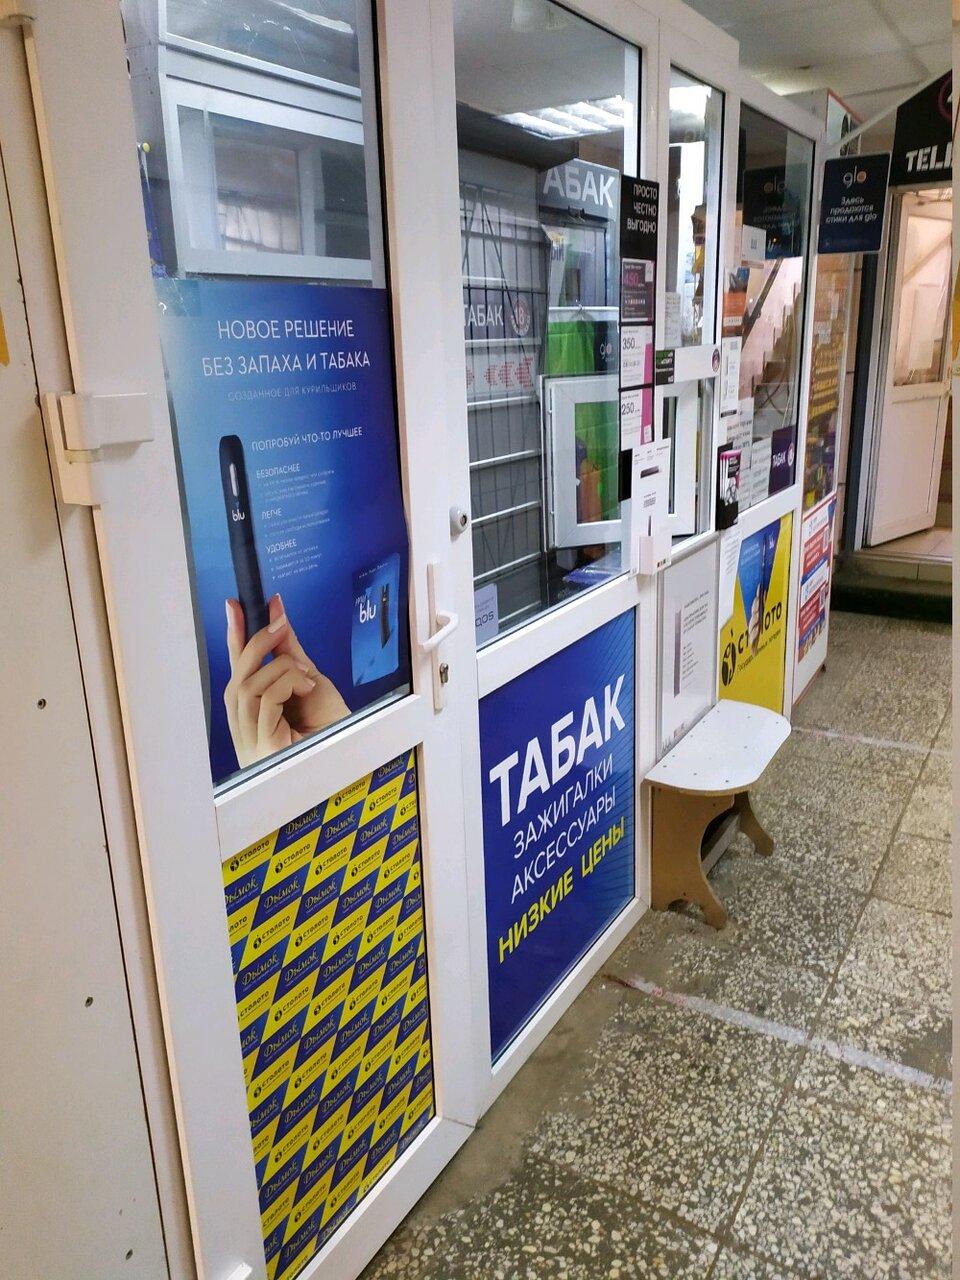 Дымок магазин табачных изделий нижний где купить рядом сигареты